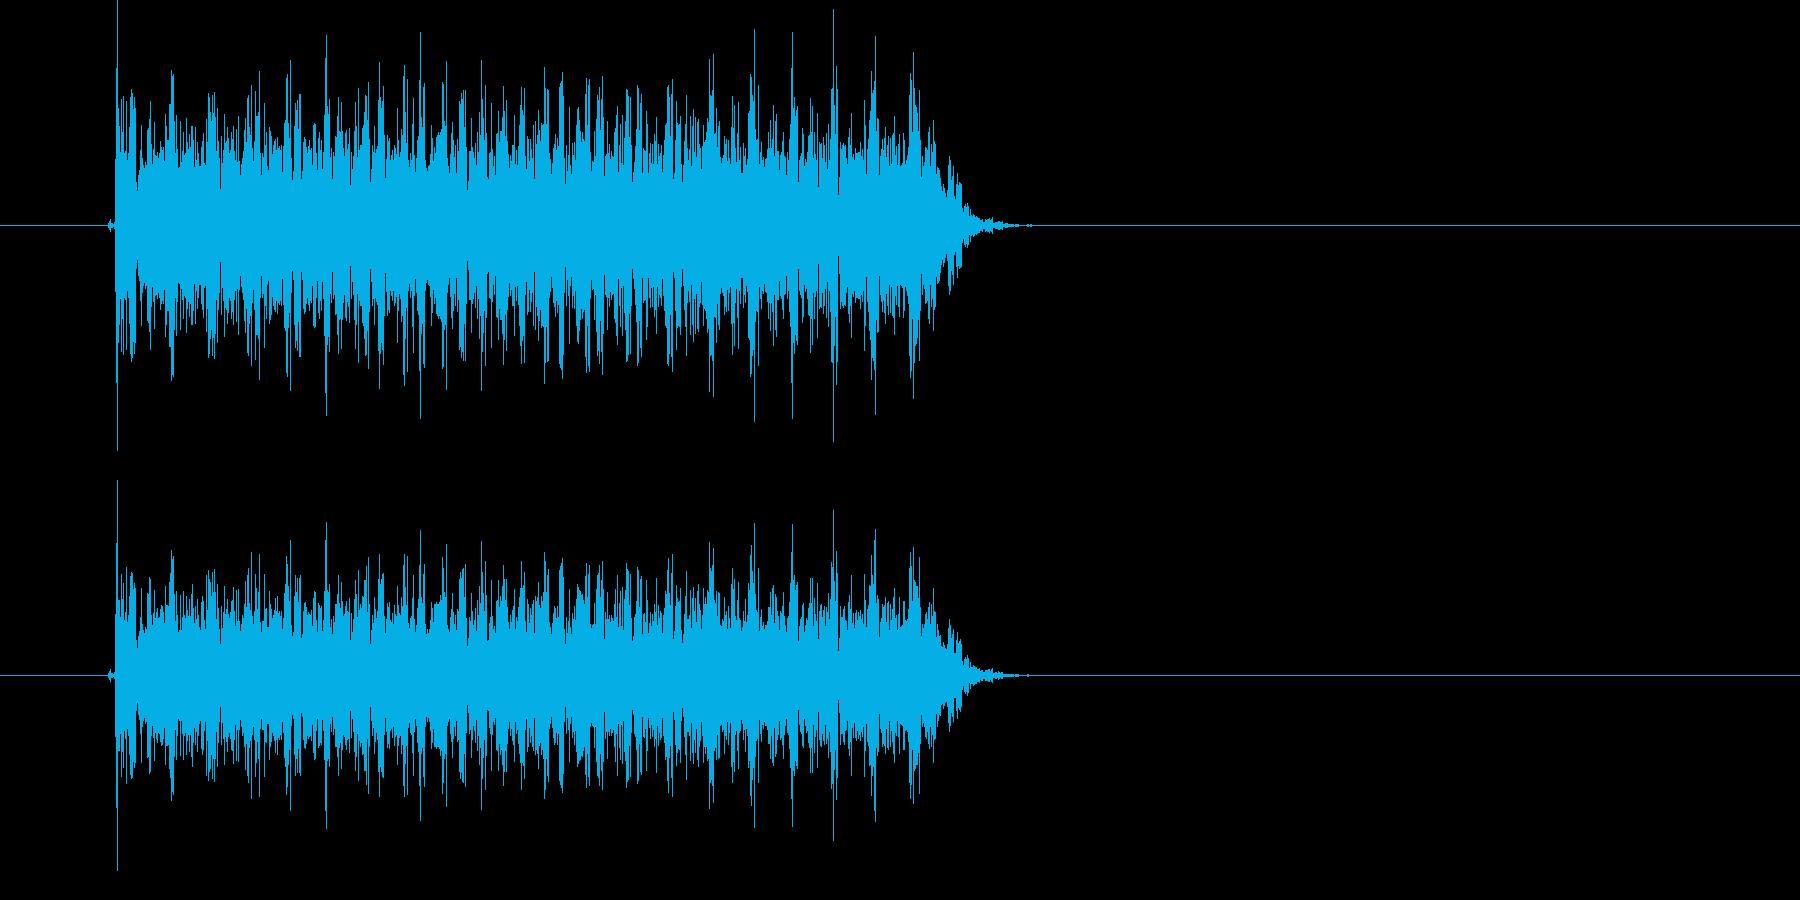 シュルシュル(宇宙、落下、回転)の再生済みの波形